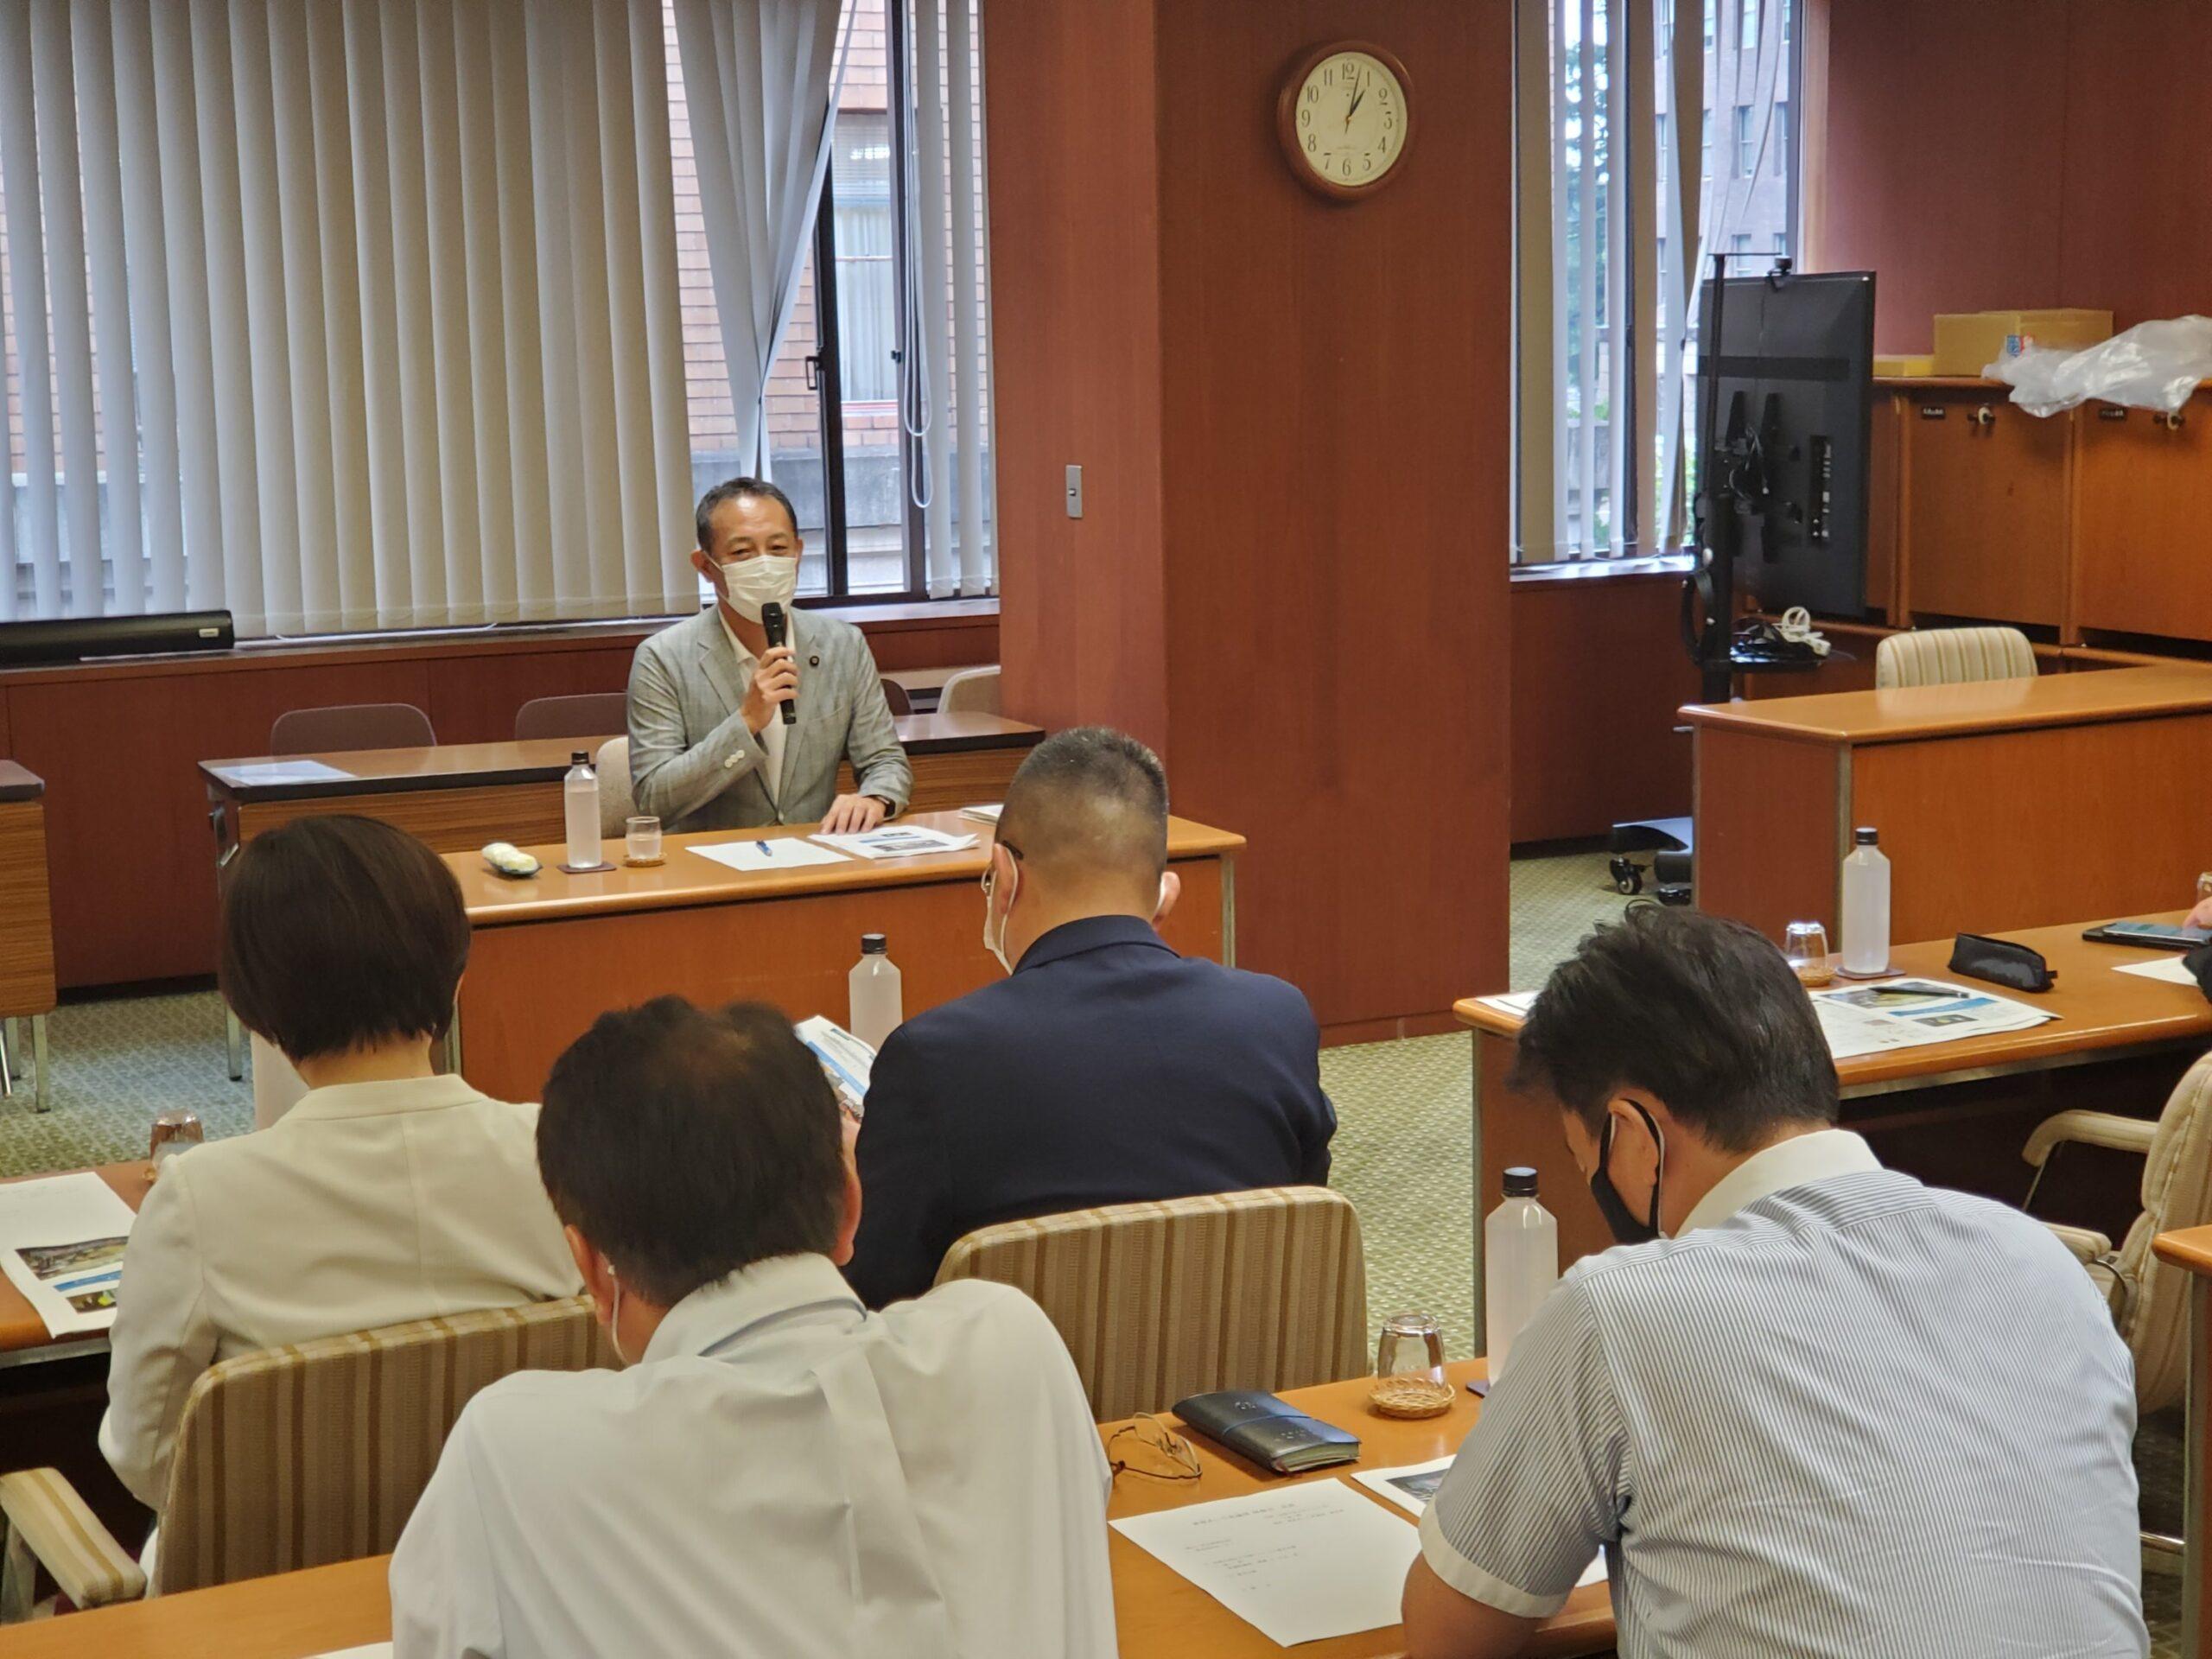 参議院議員の斎藤嘉隆さんが講演に来てくれました。